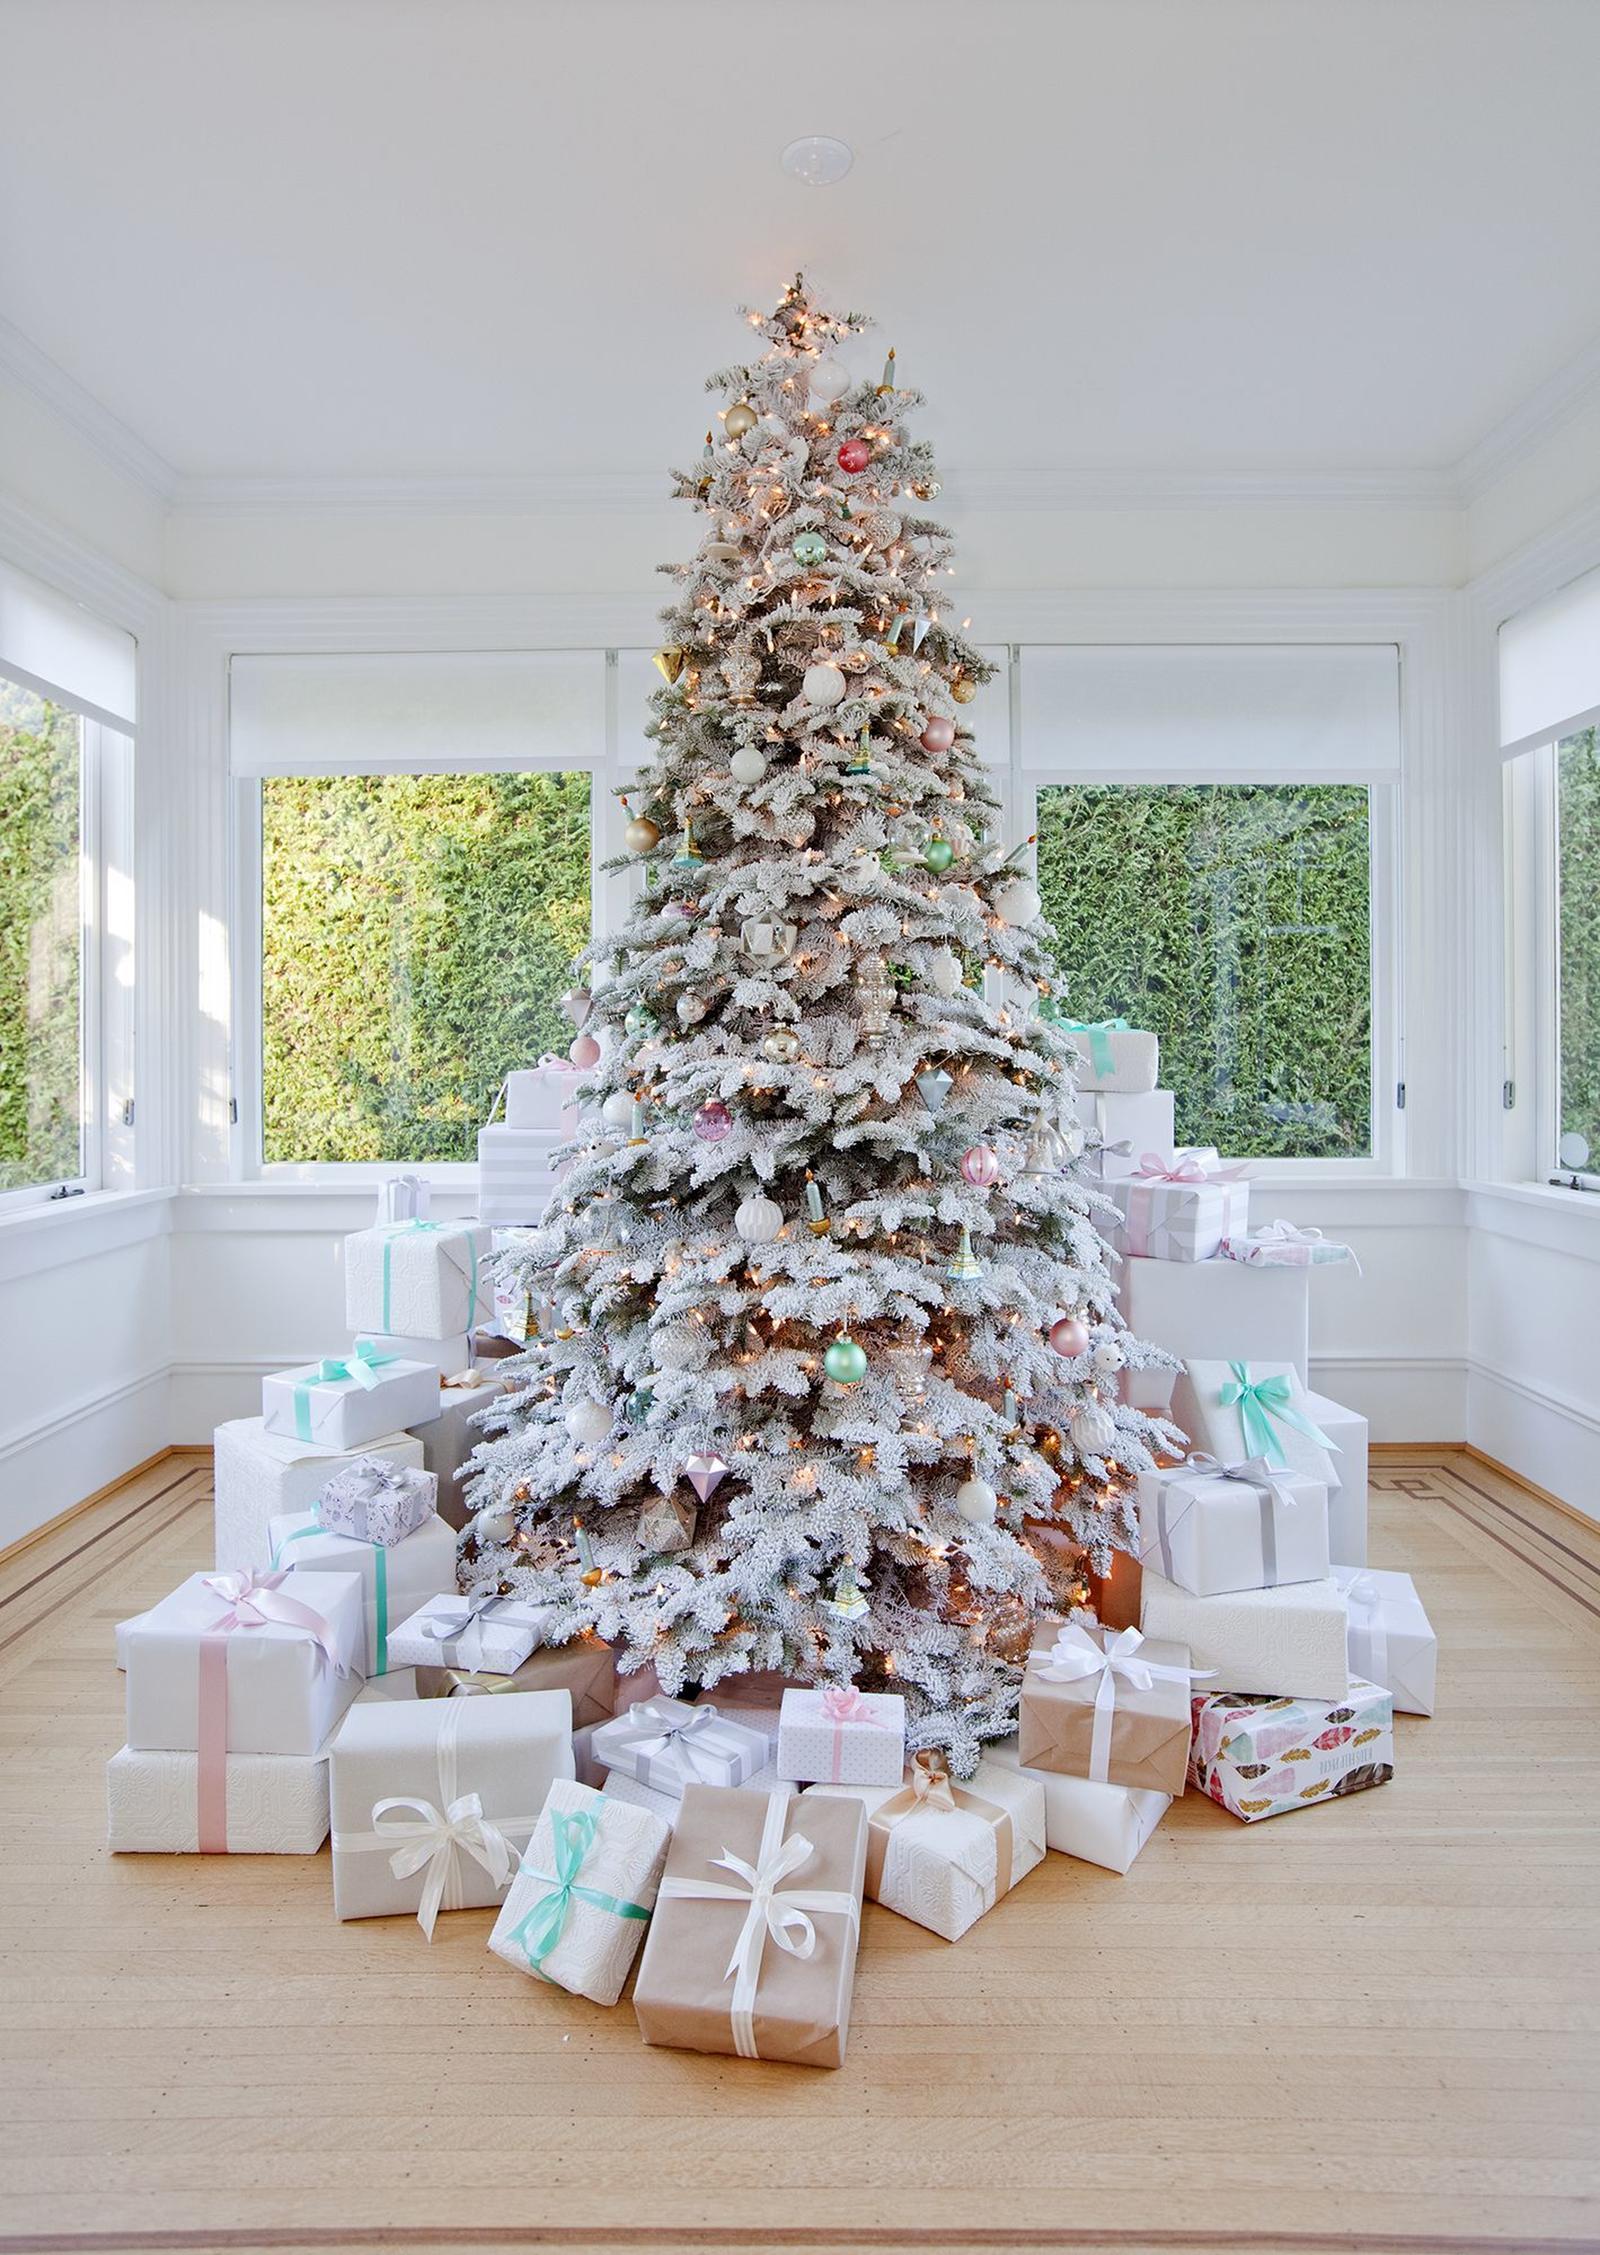 preciosa decoración de árbol navideño en tonos pasteles, árbol artificial en blanco con efecto de nevado